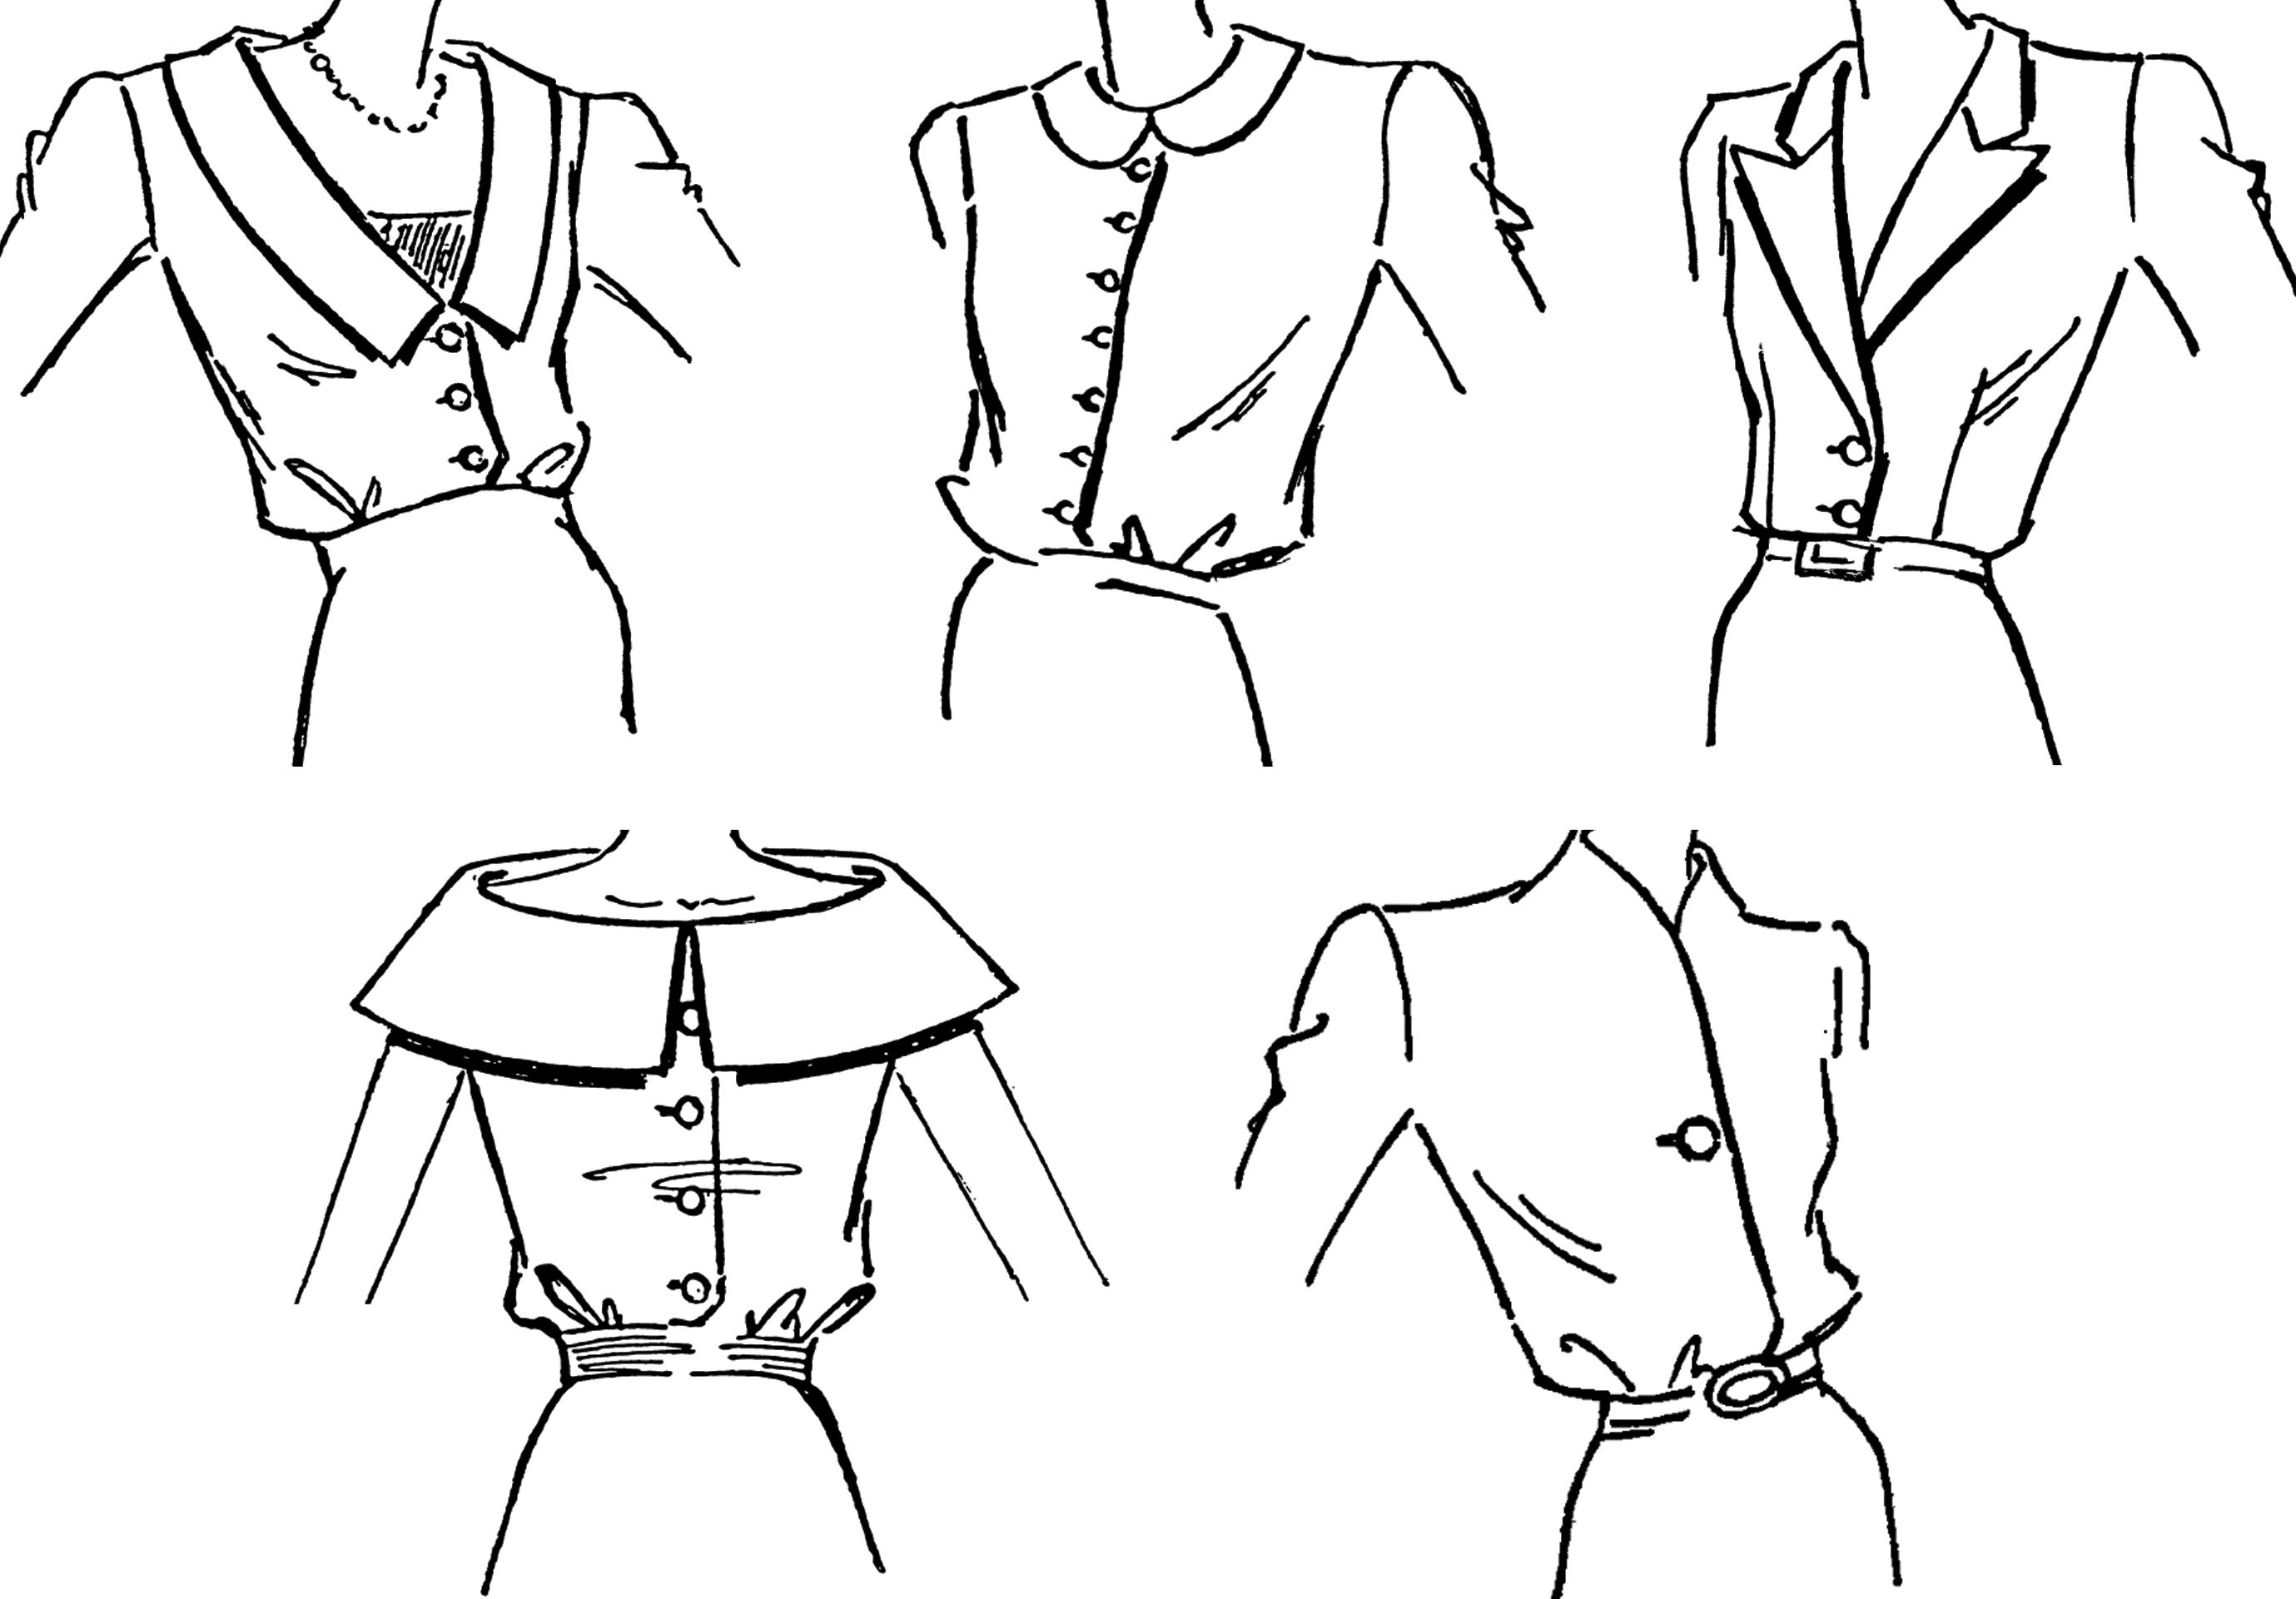 Abgebildet sind die Zeichnungen der Kragenformen für den DOB Bereich.